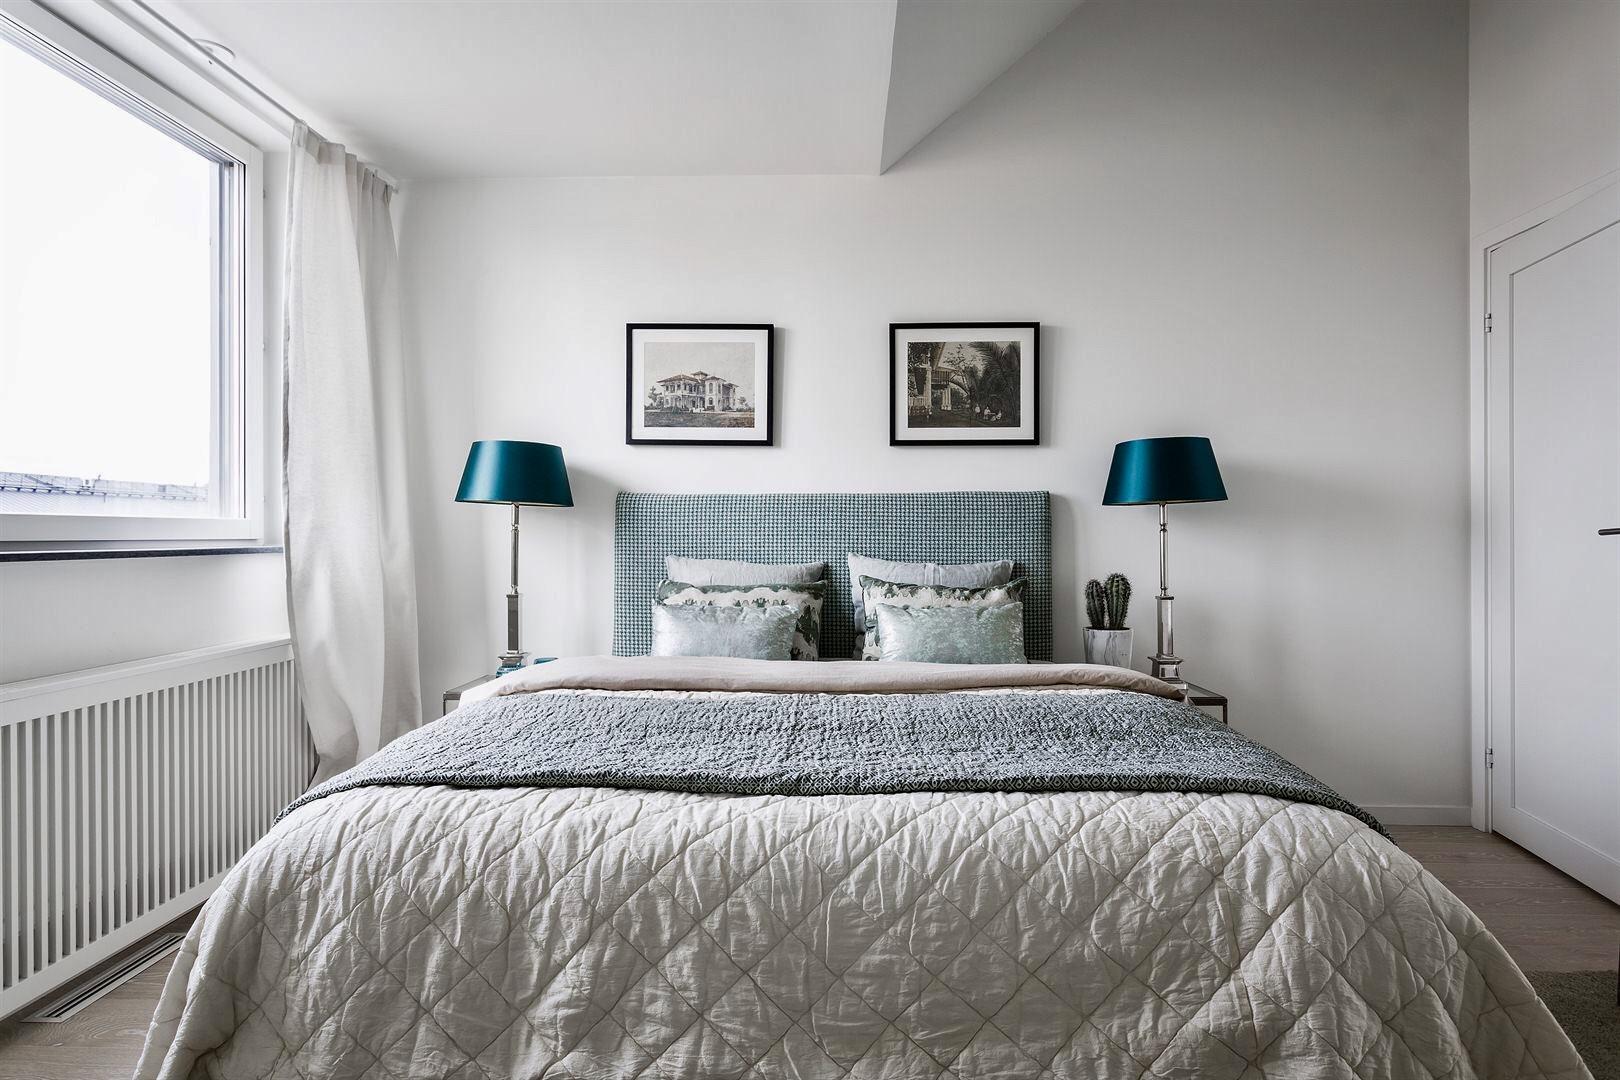 спальня кровать изголовье прикроватные лампы окно радиатор отопления